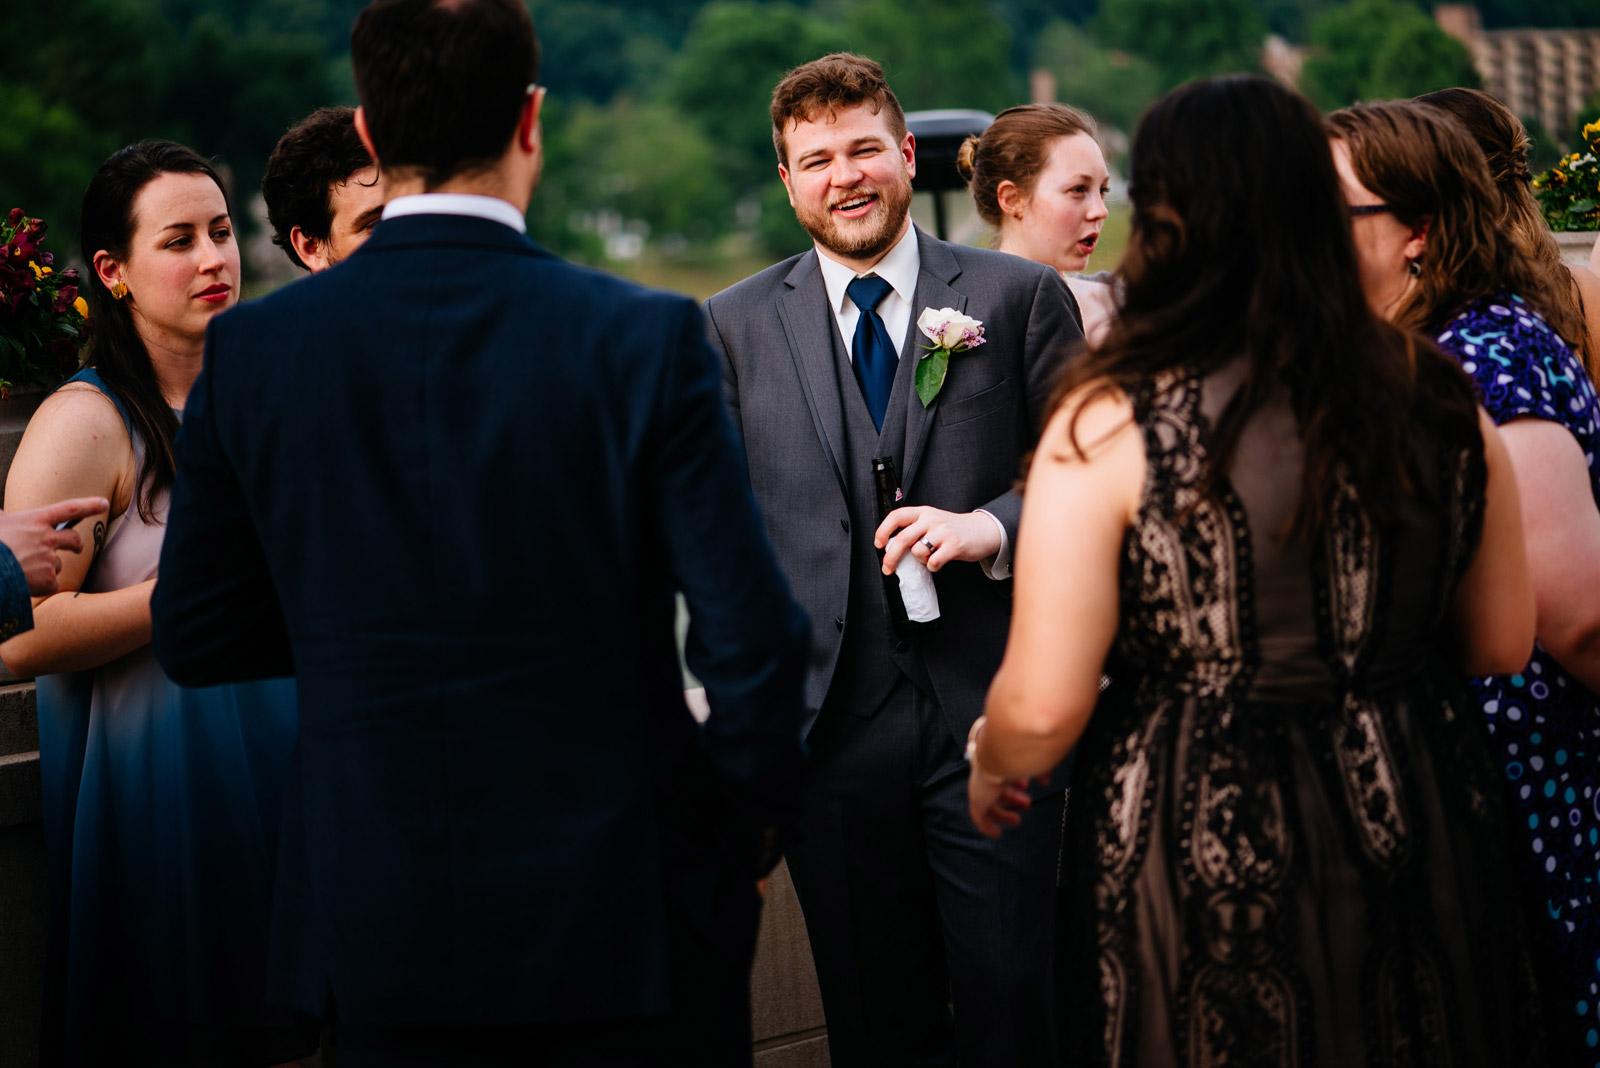 wv wedding venues charleston UC